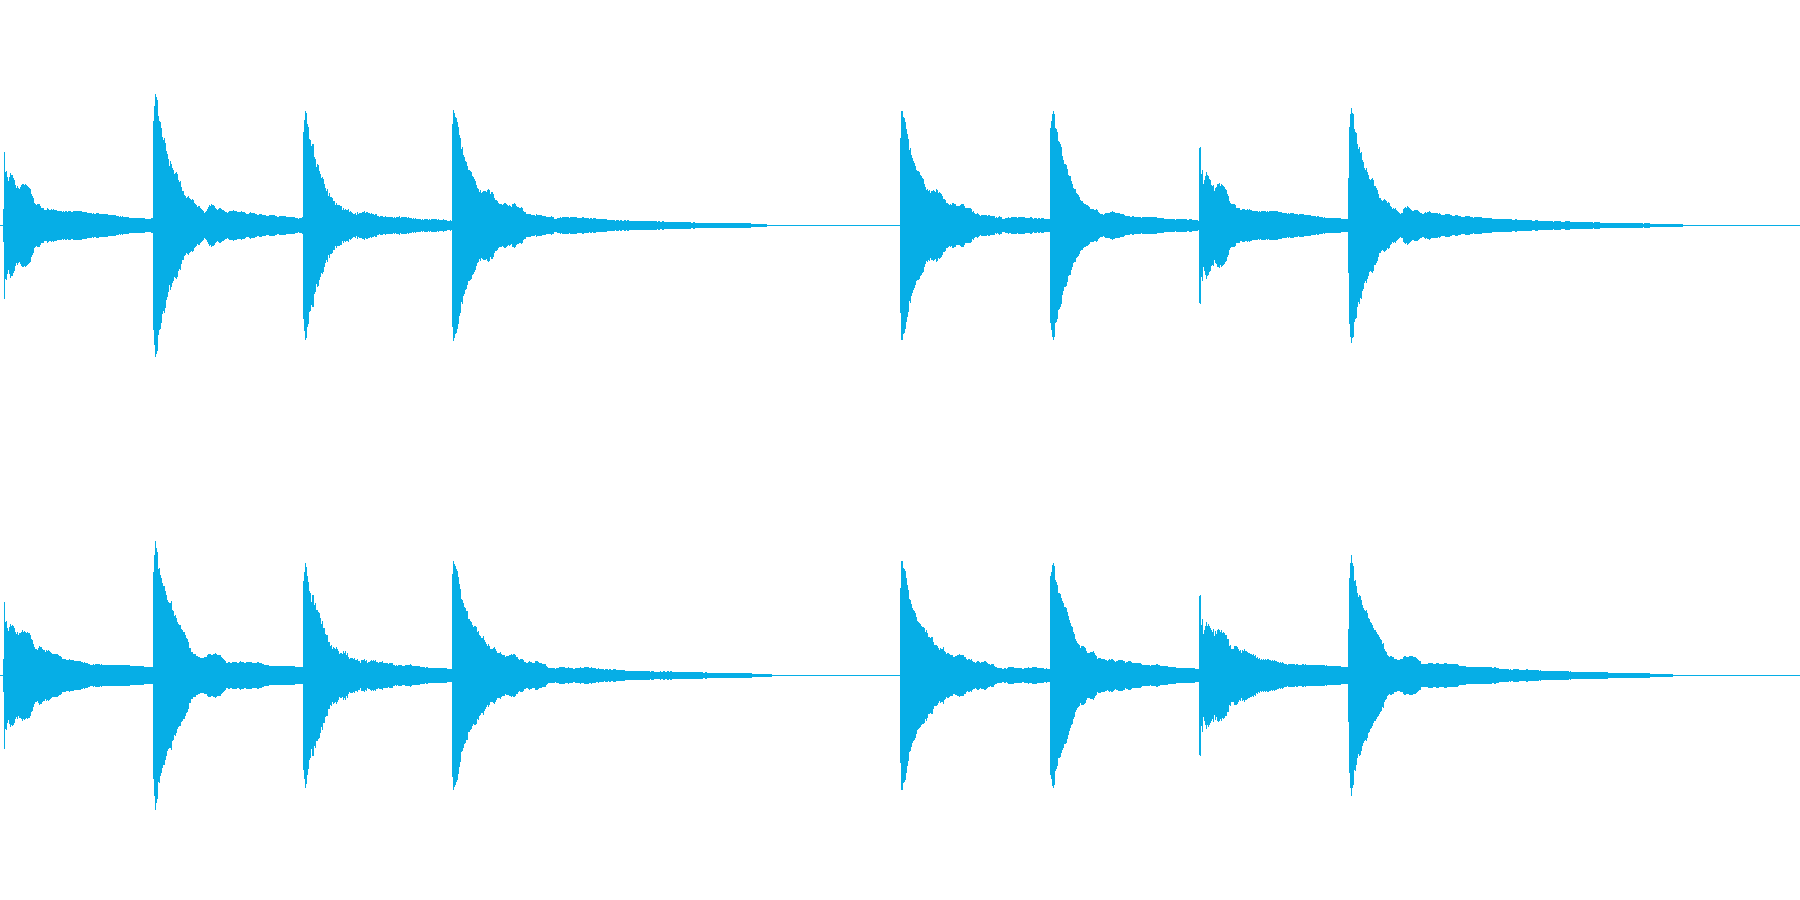 ピンポンパンポン (5) の再生済みの波形